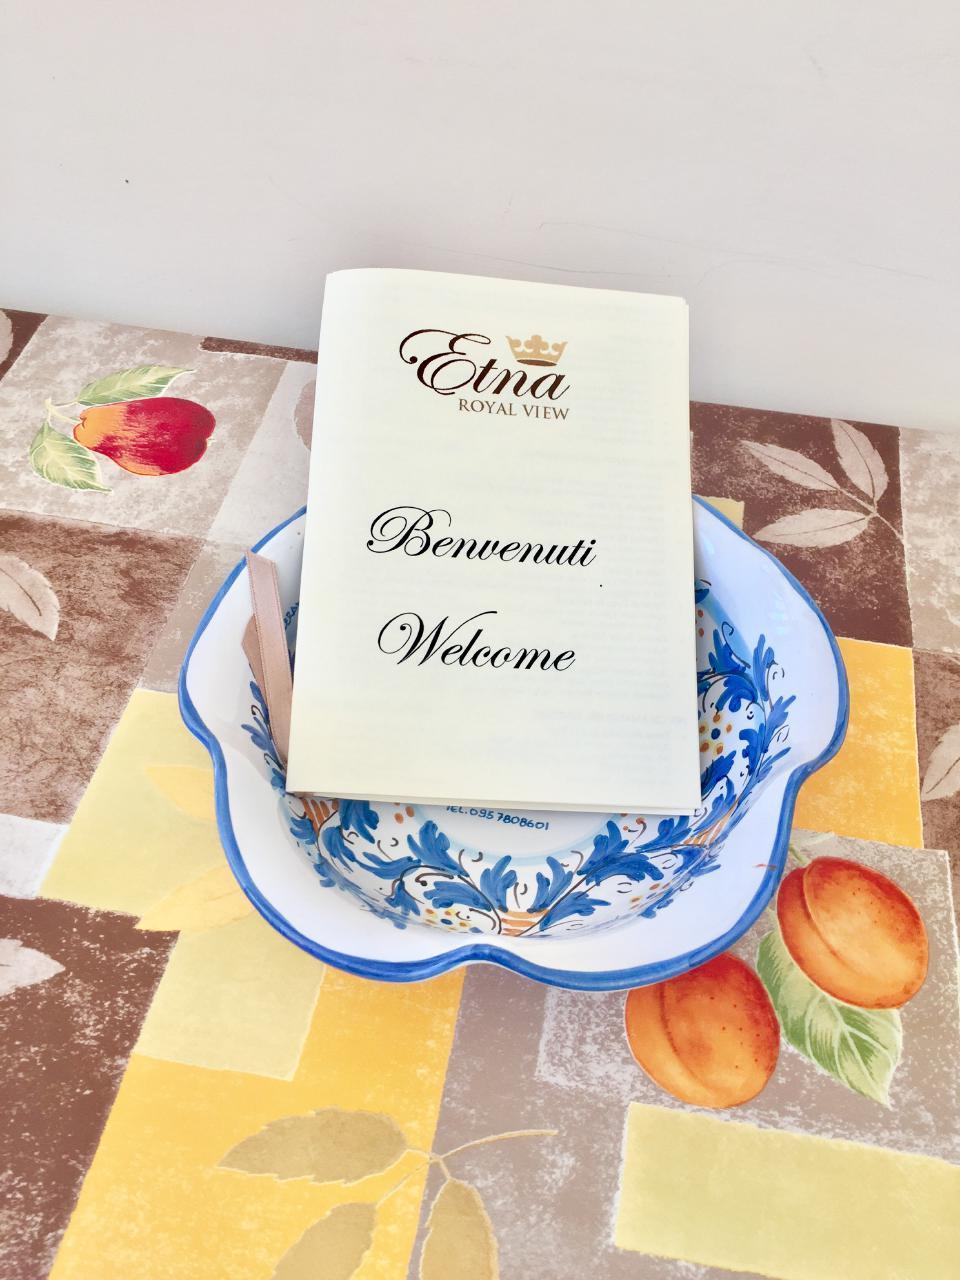 Appartement de vacances Etna Royal View -  Zwei-Zimmer-Wohnung mit Blick auf den Garten (2182582), Trecastagni, Catania, Sicile, Italie, image 20